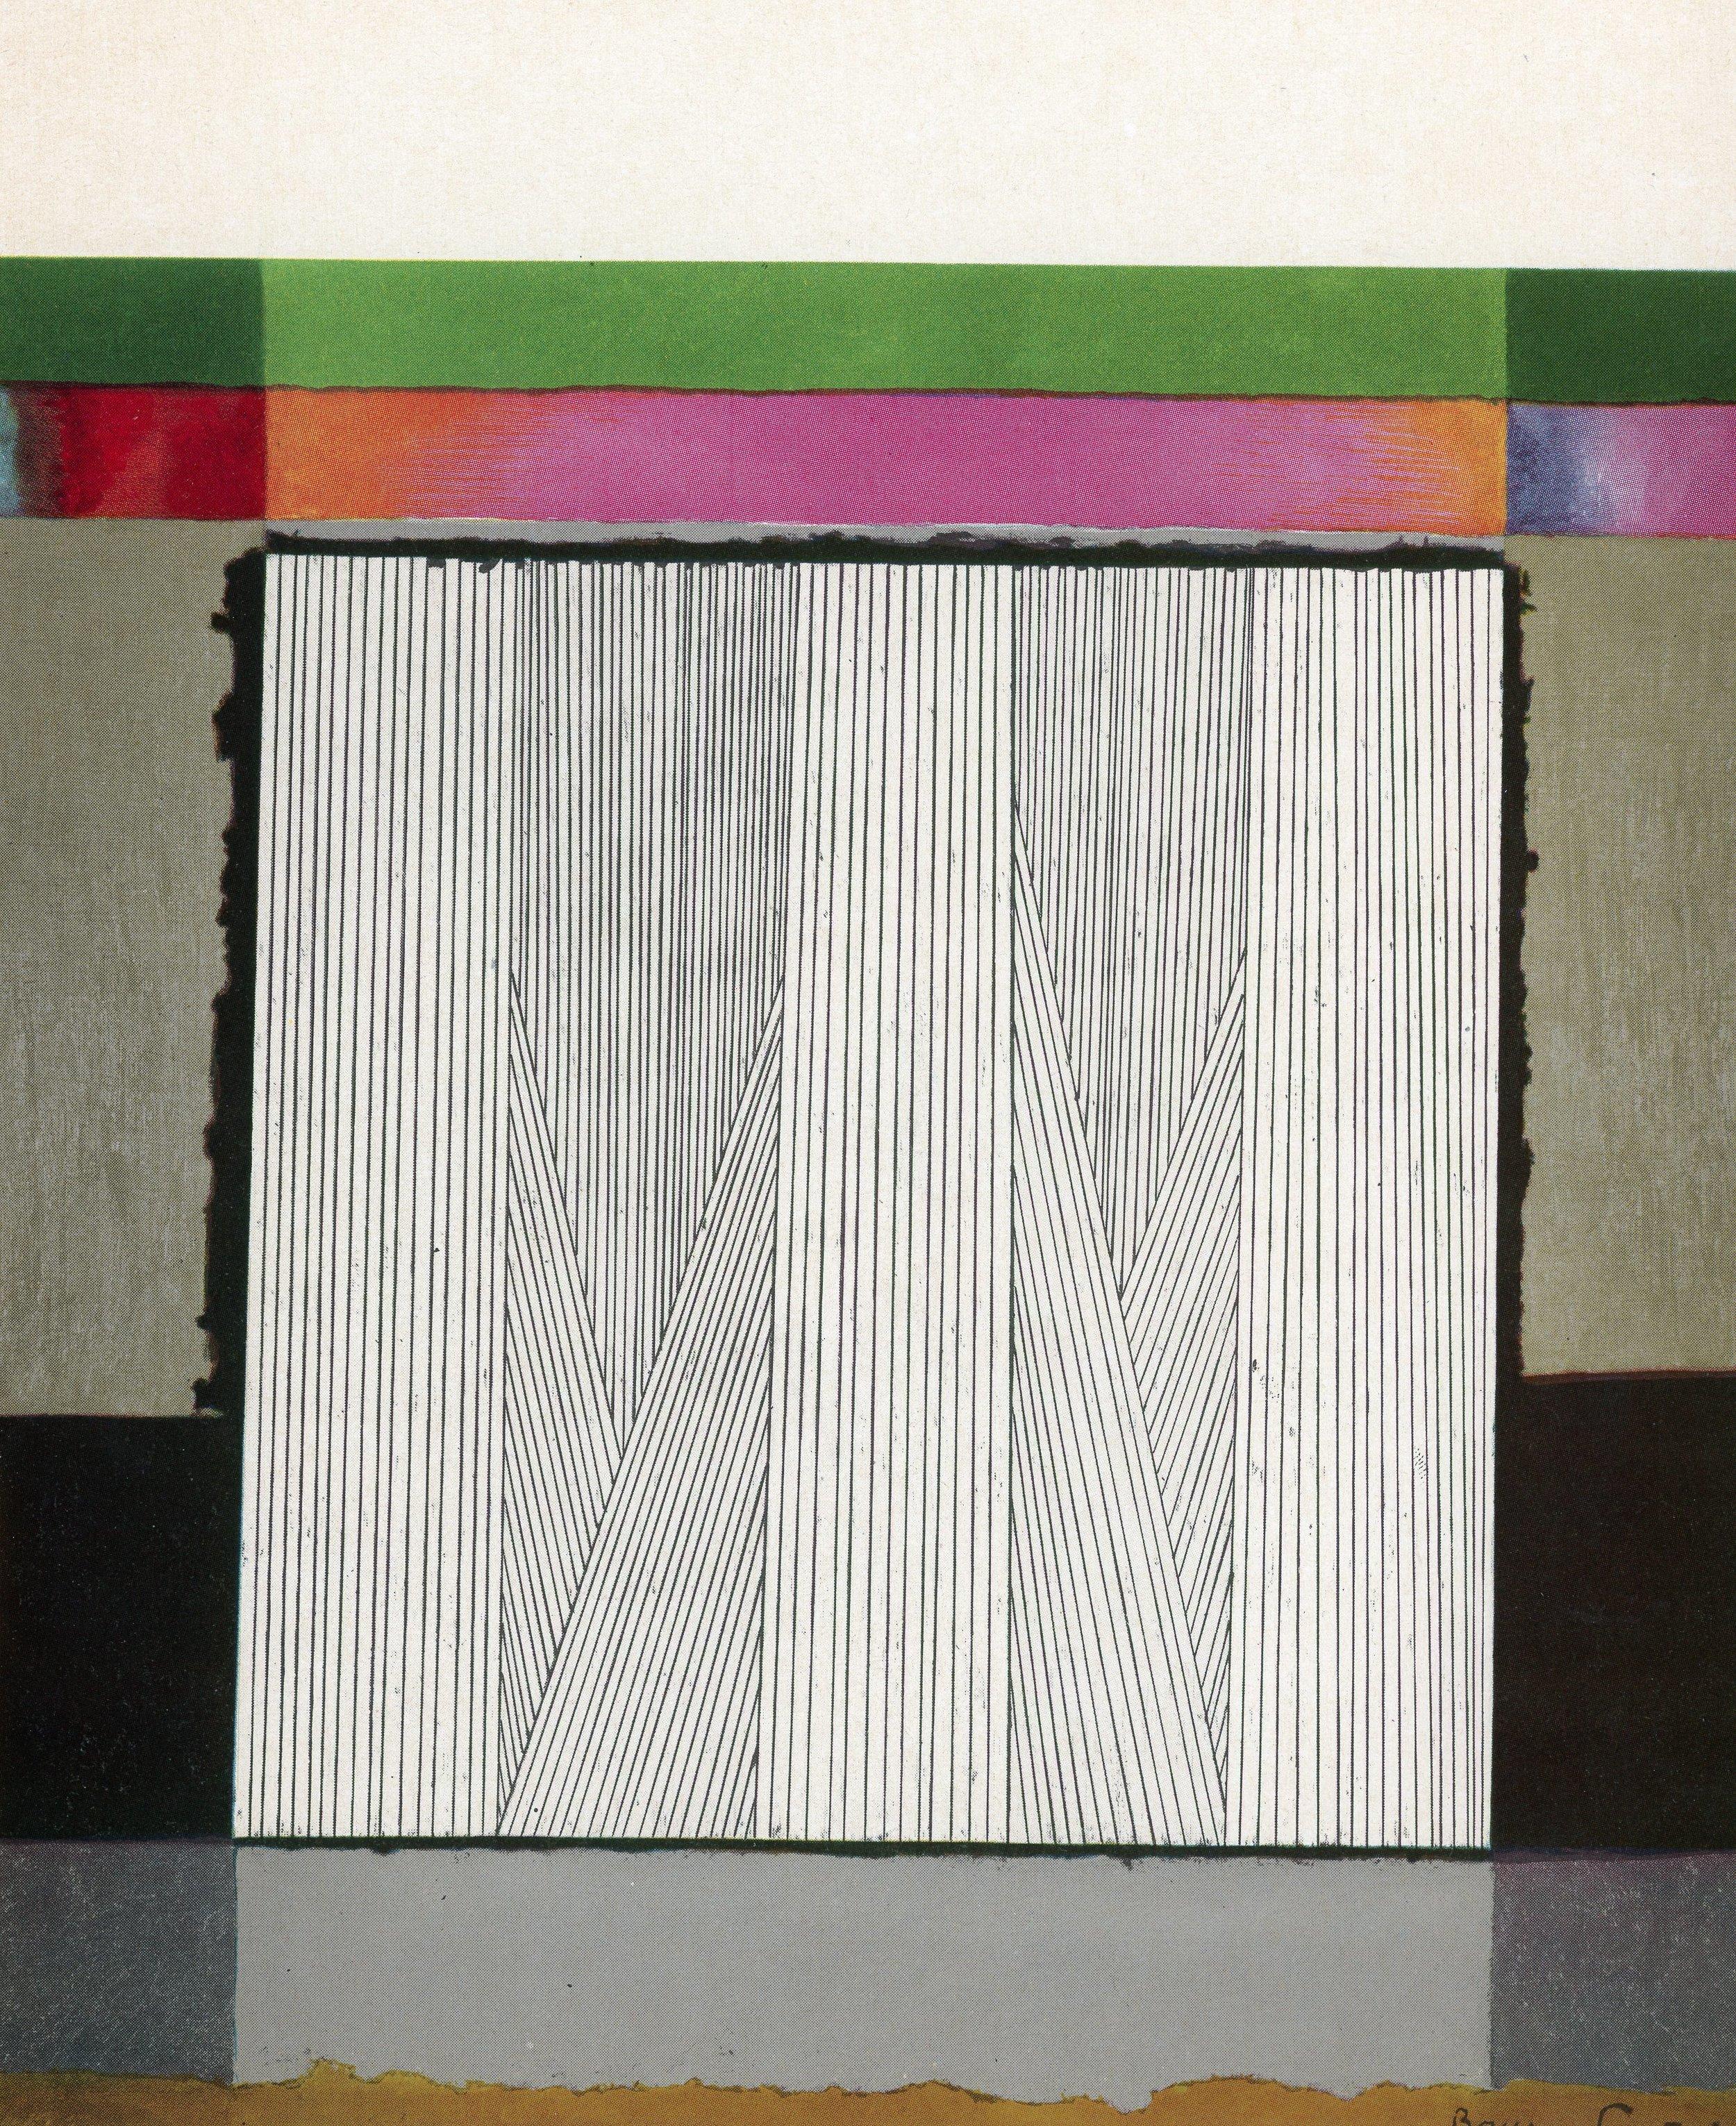 1959-06 Rive Gauche - Bruno Caruso_07.jpg